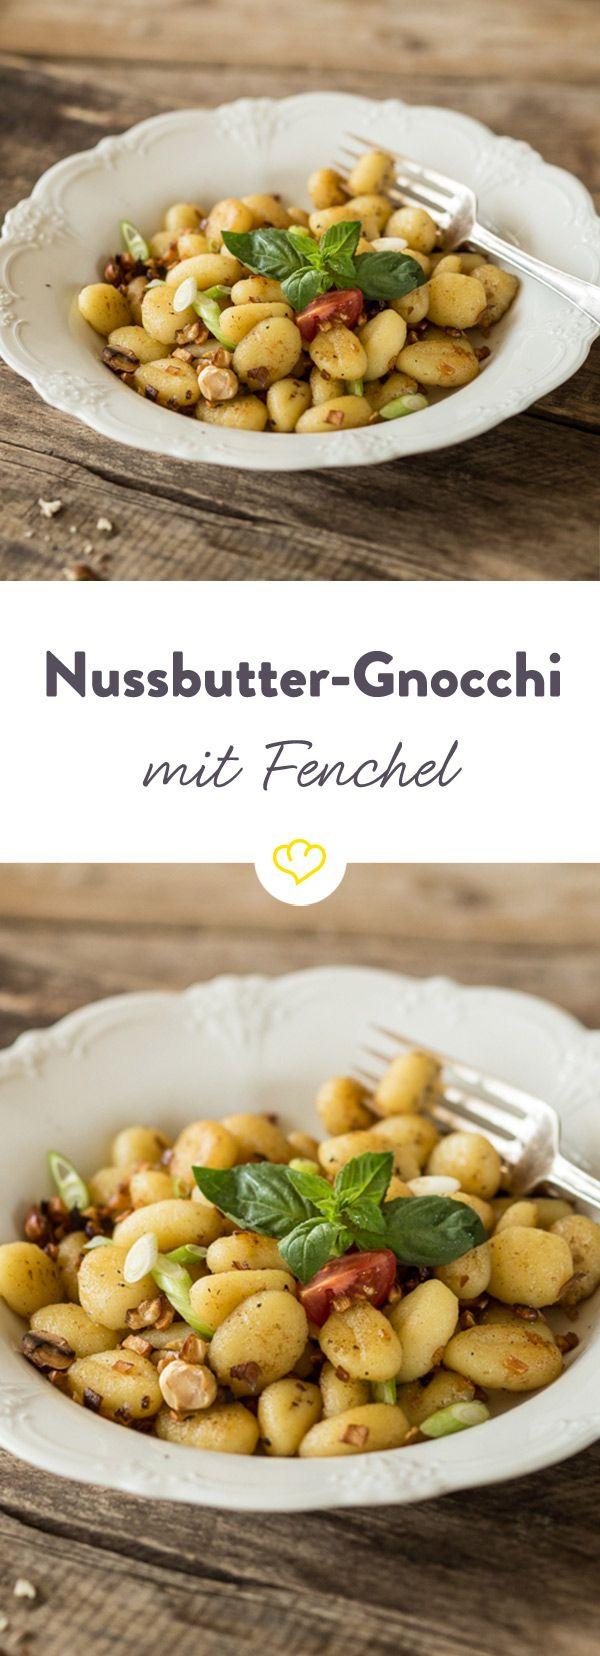 Dieses Gericht passt sich dem Wetter an - hallo Herbst! Gnocchi, Fenchel, Sellerie und Nussbutter vereinen sich zu einem leckeren Mittagessen.